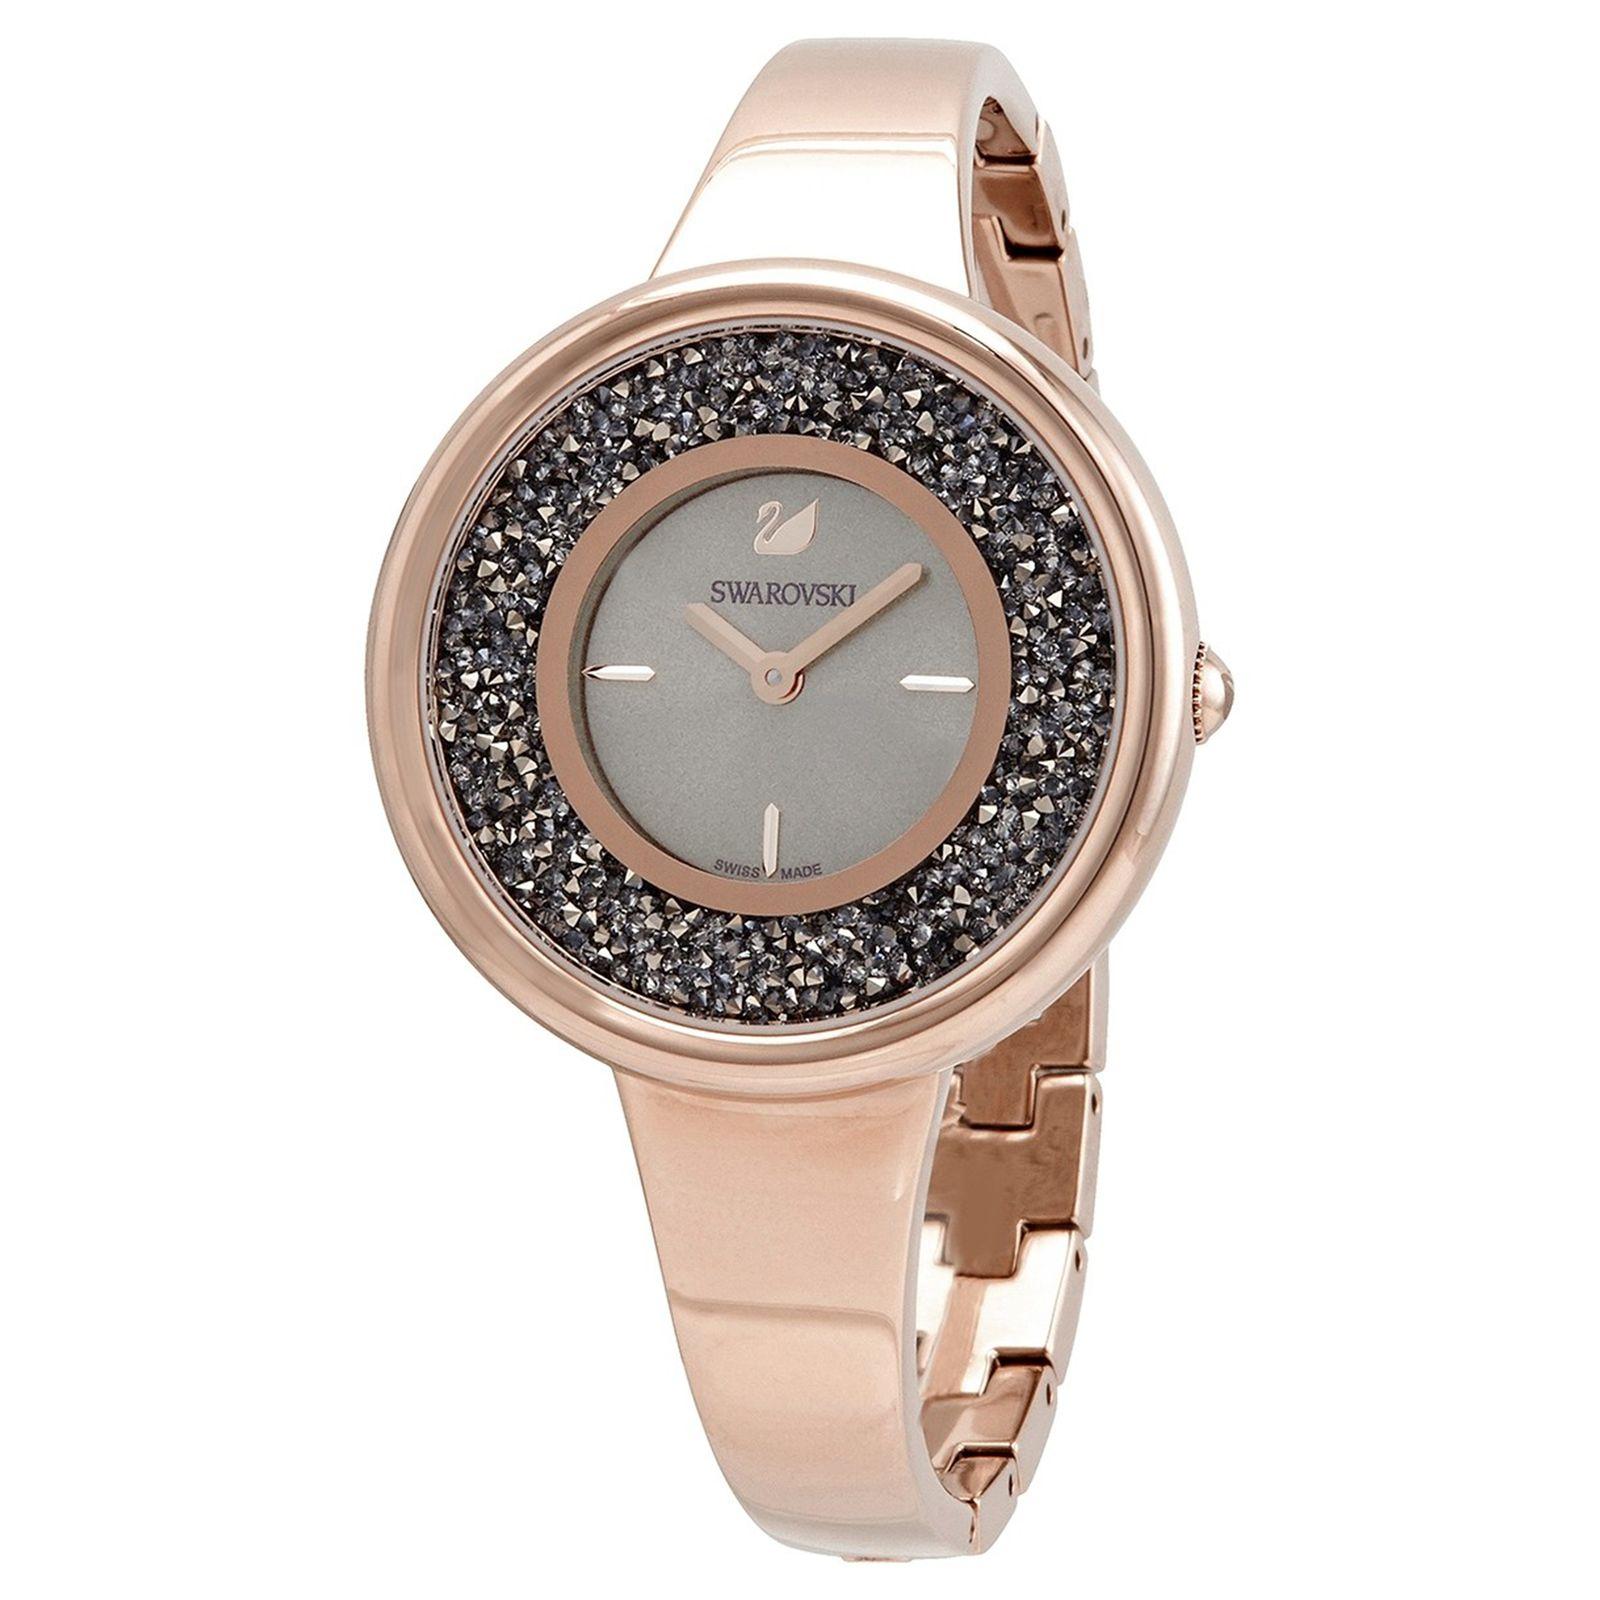 ساعت مچی عقربه ای زنانه سواروسکی مدل 5376077 -  - 2